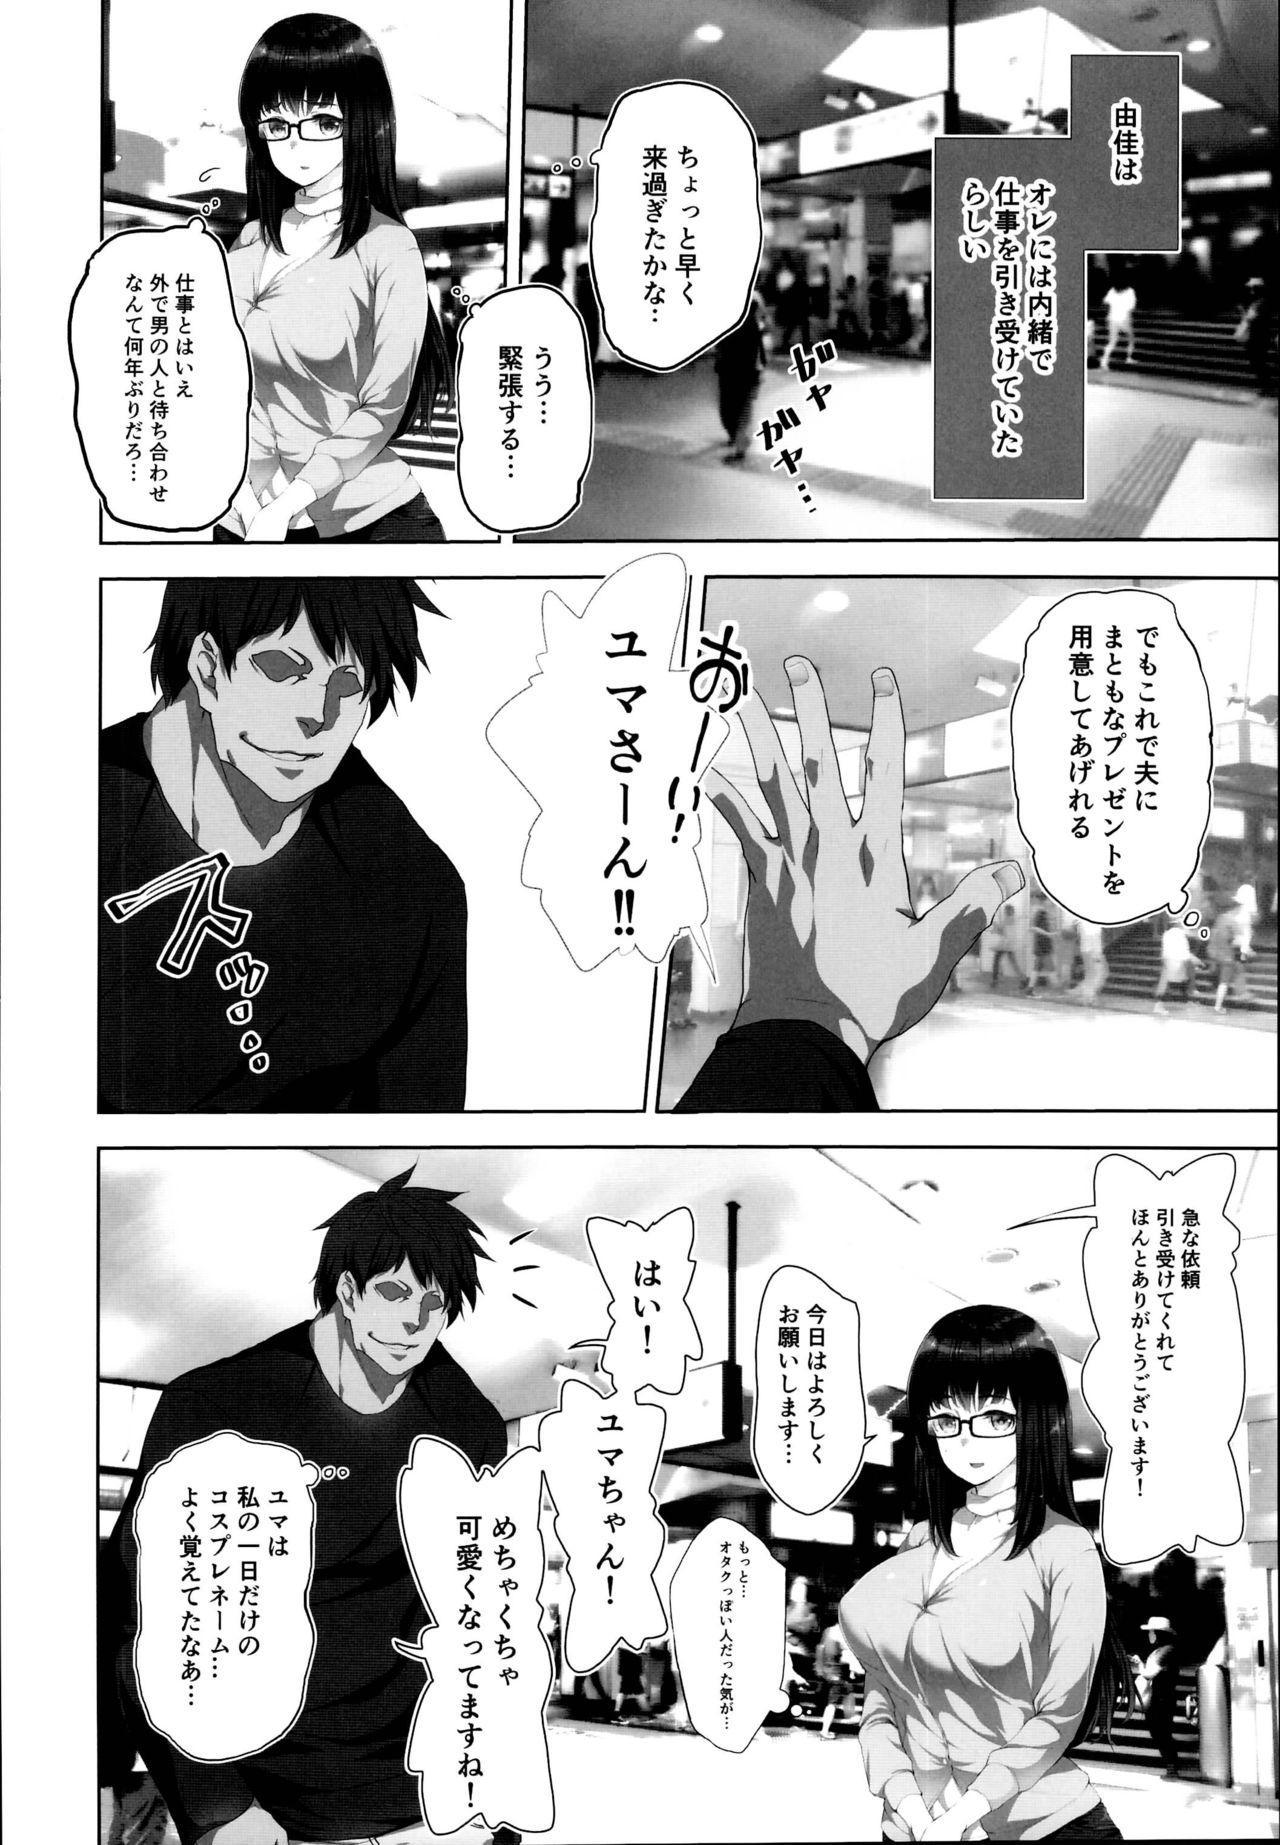 Masaka Tsuma ga 6P Cosplay Douga ni... 5